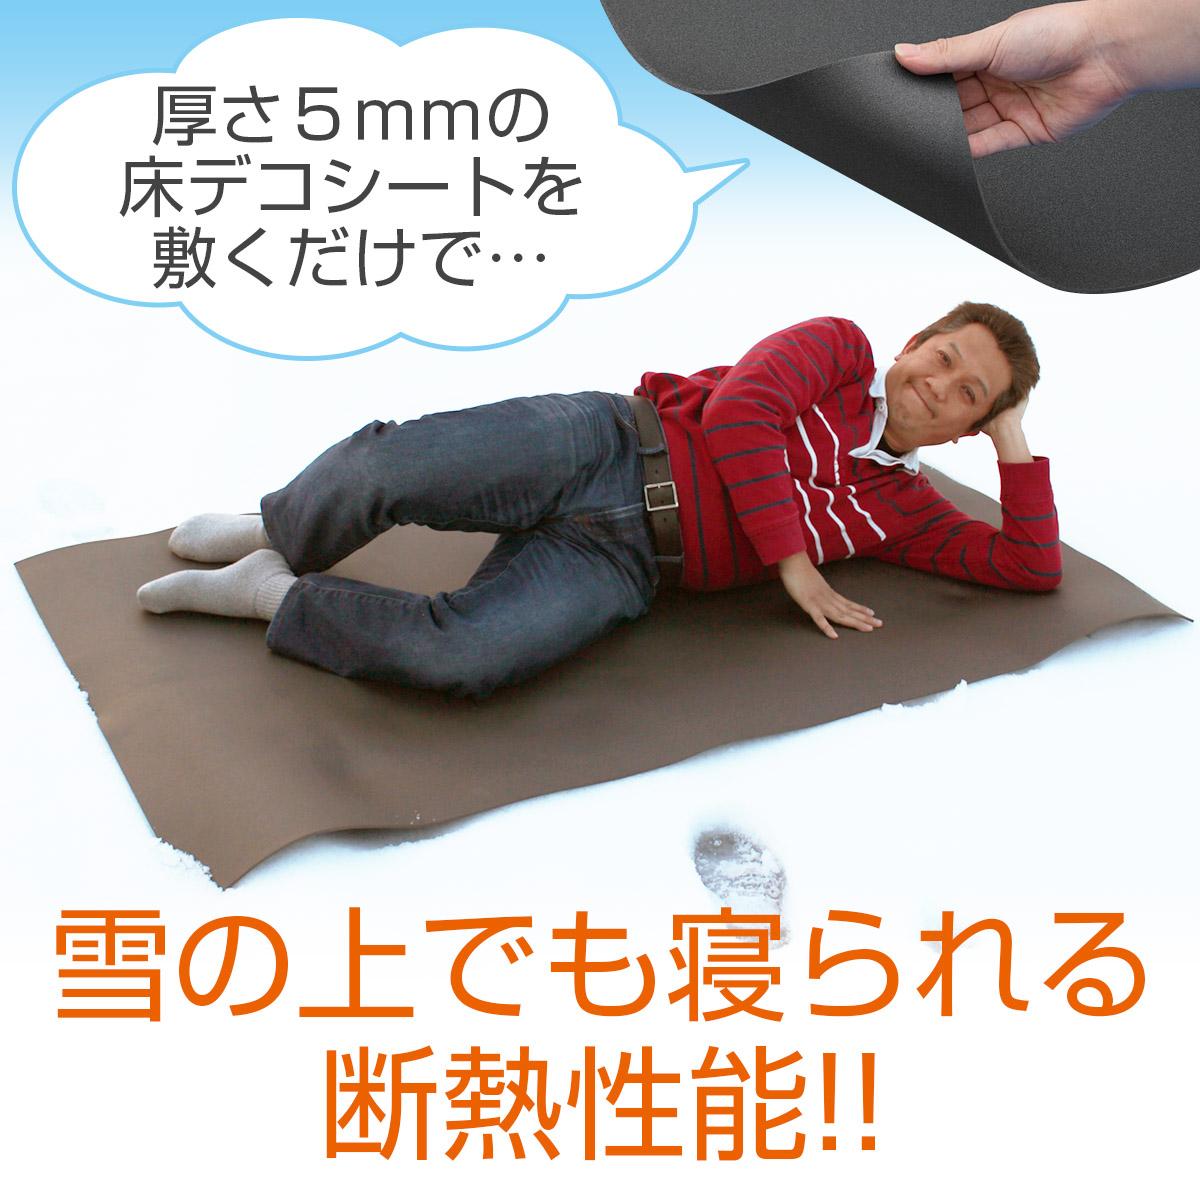 厚さ5ミリの床デコシートを敷くだけで雪の上でも寝られる断熱性能!